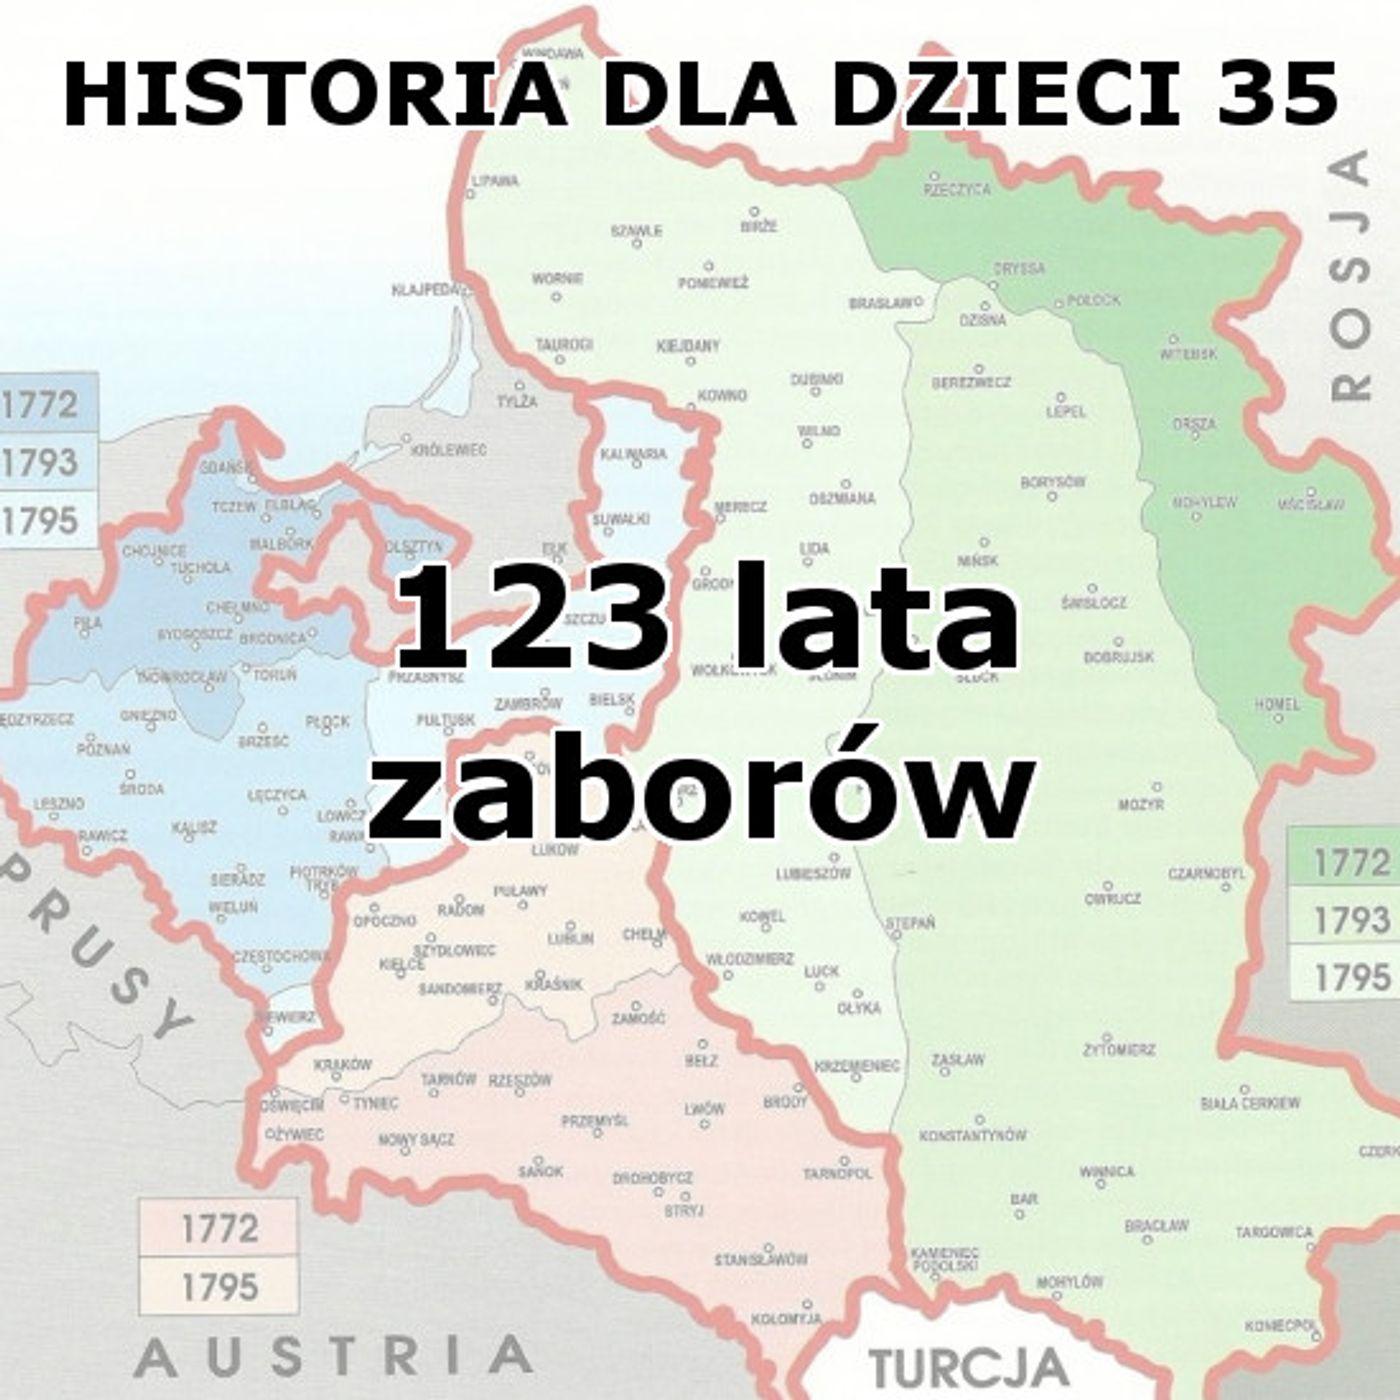 35 - 123 lata zaborów